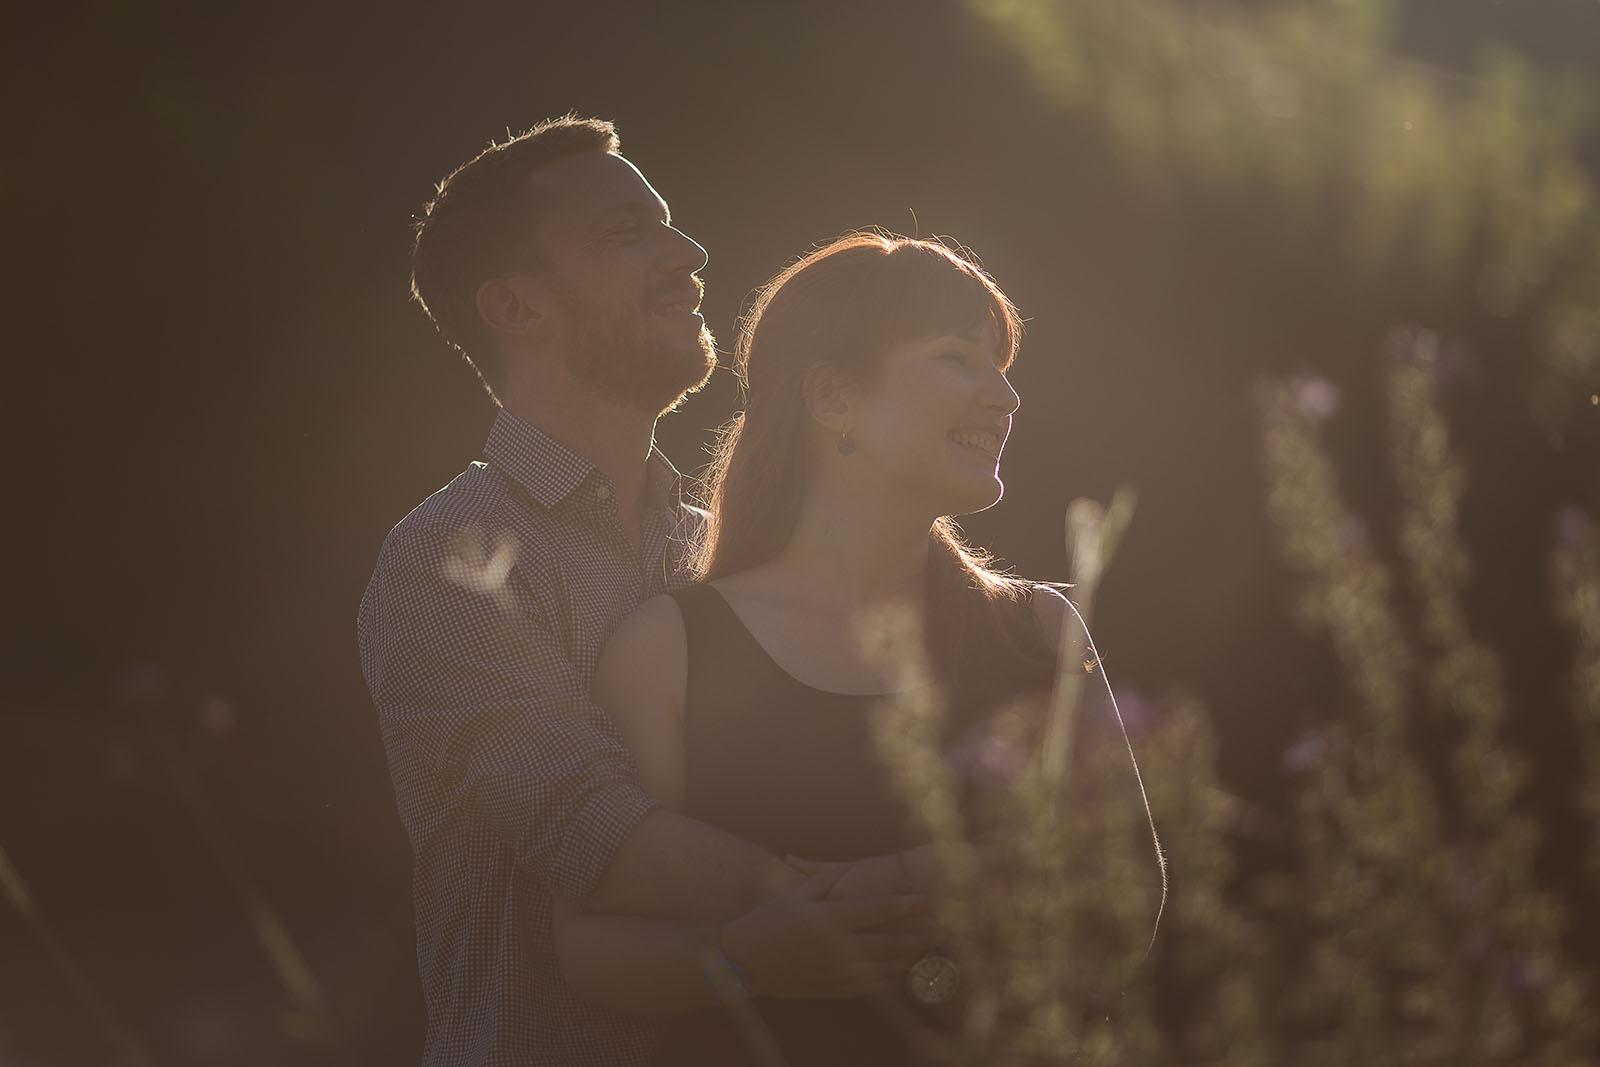 Photographe de mariage château le sallay nevers Love session ou séance d'engagement à Nevers avec une très belle lumière. Photo de couple à contre jour